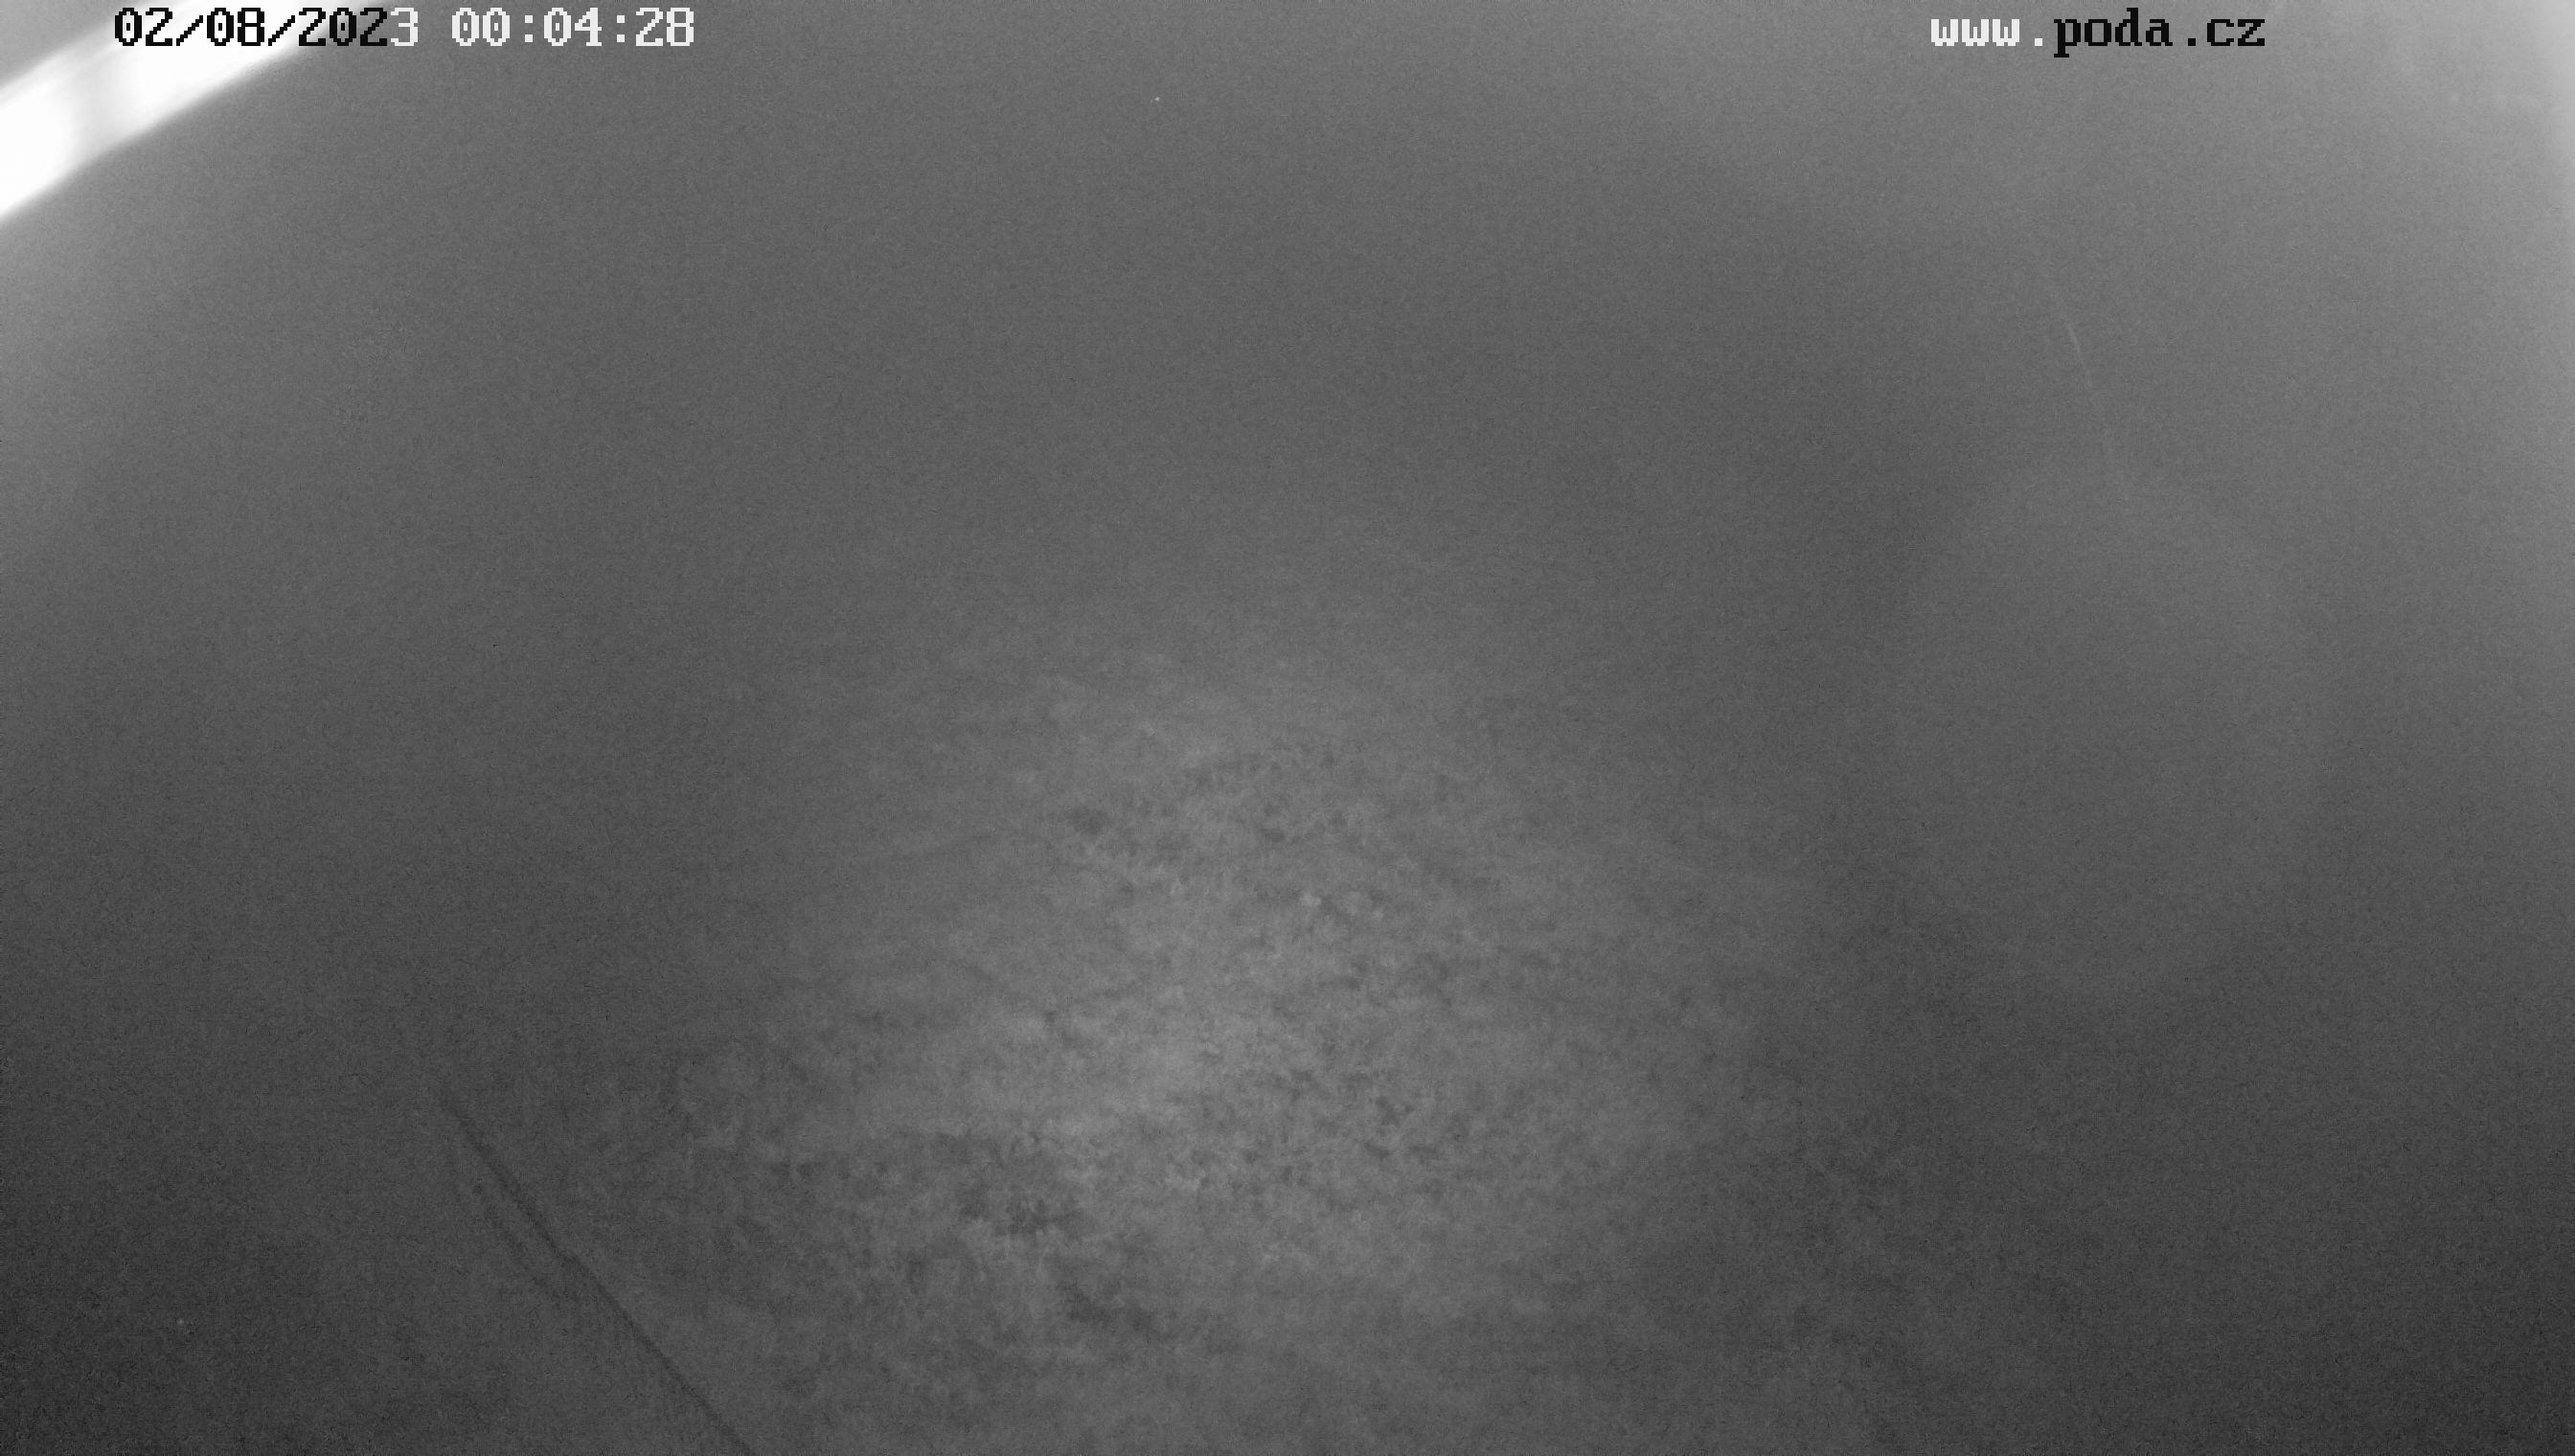 Webcam Hlinsko IV